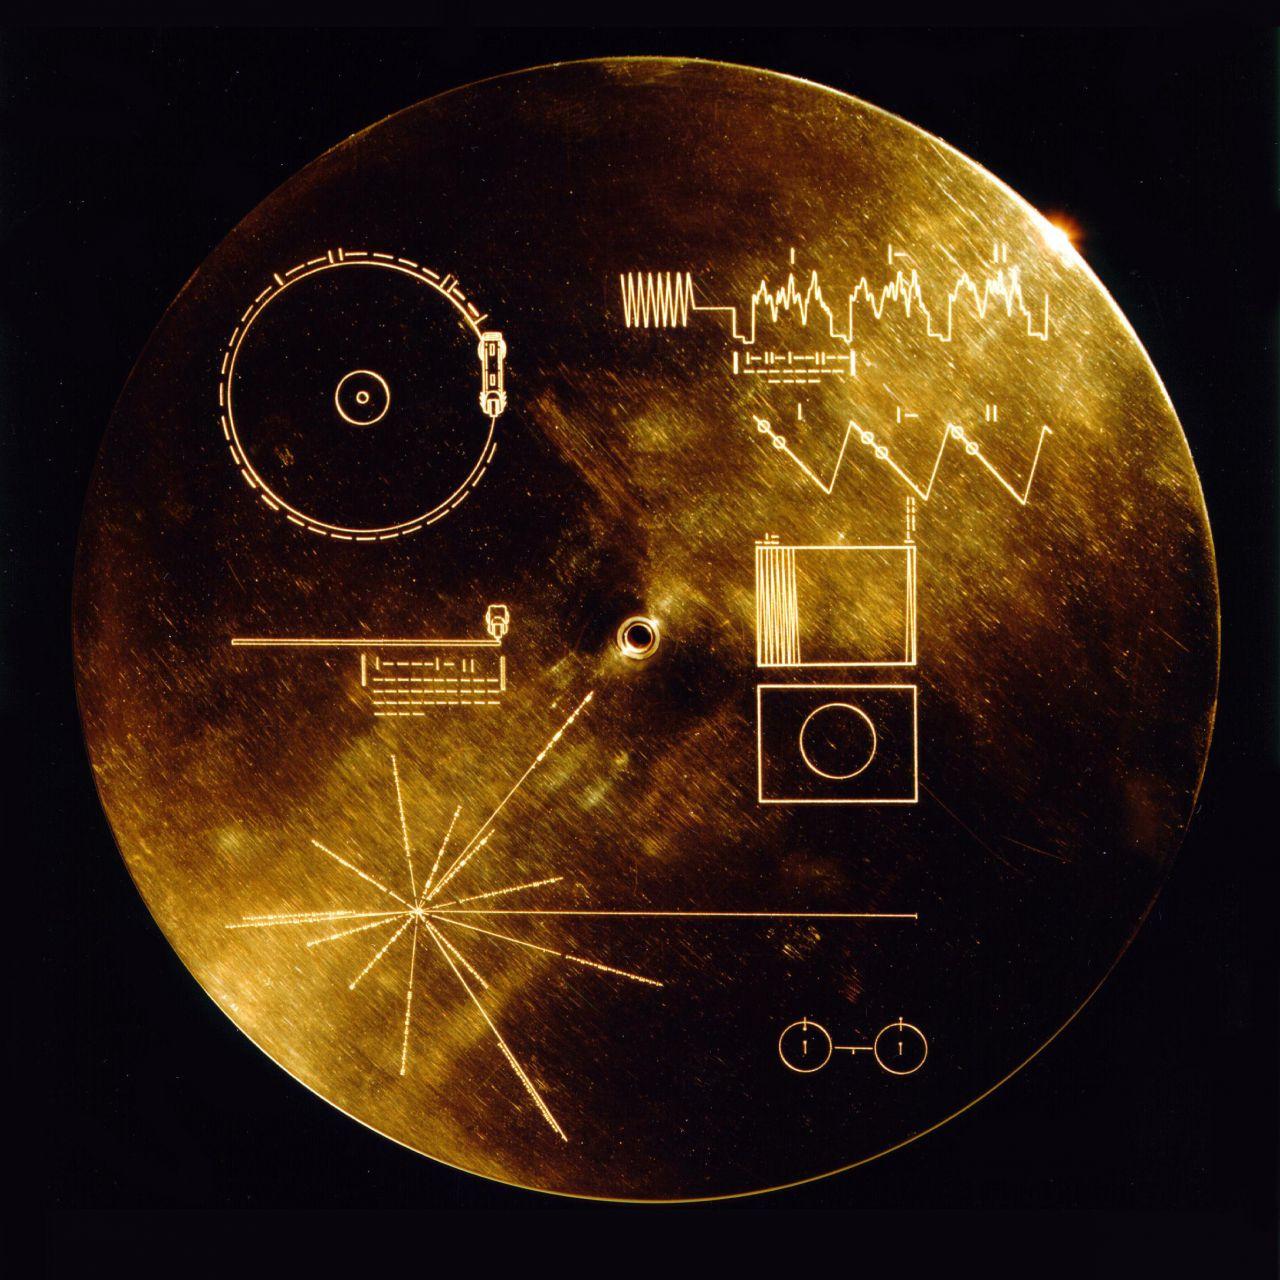 Goldene Schallplatte der Raumsonde Voyager